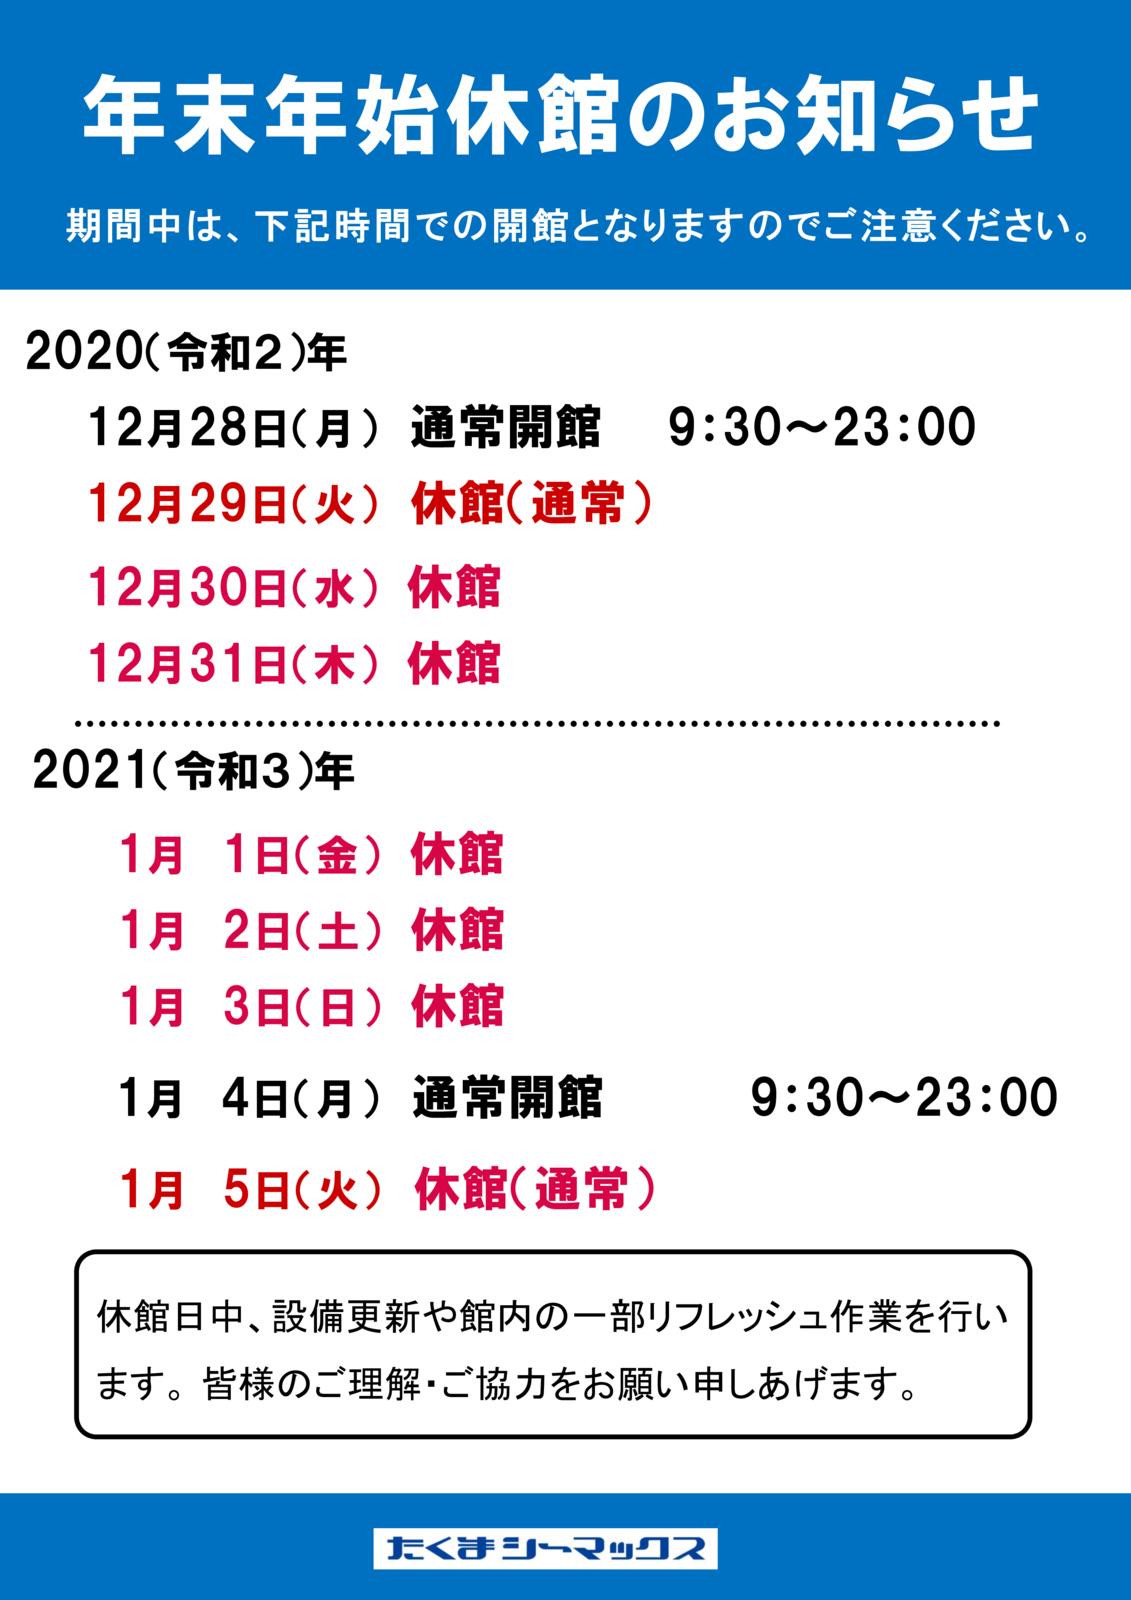 【2020年度】年始営業案内POP_縦のサムネイル